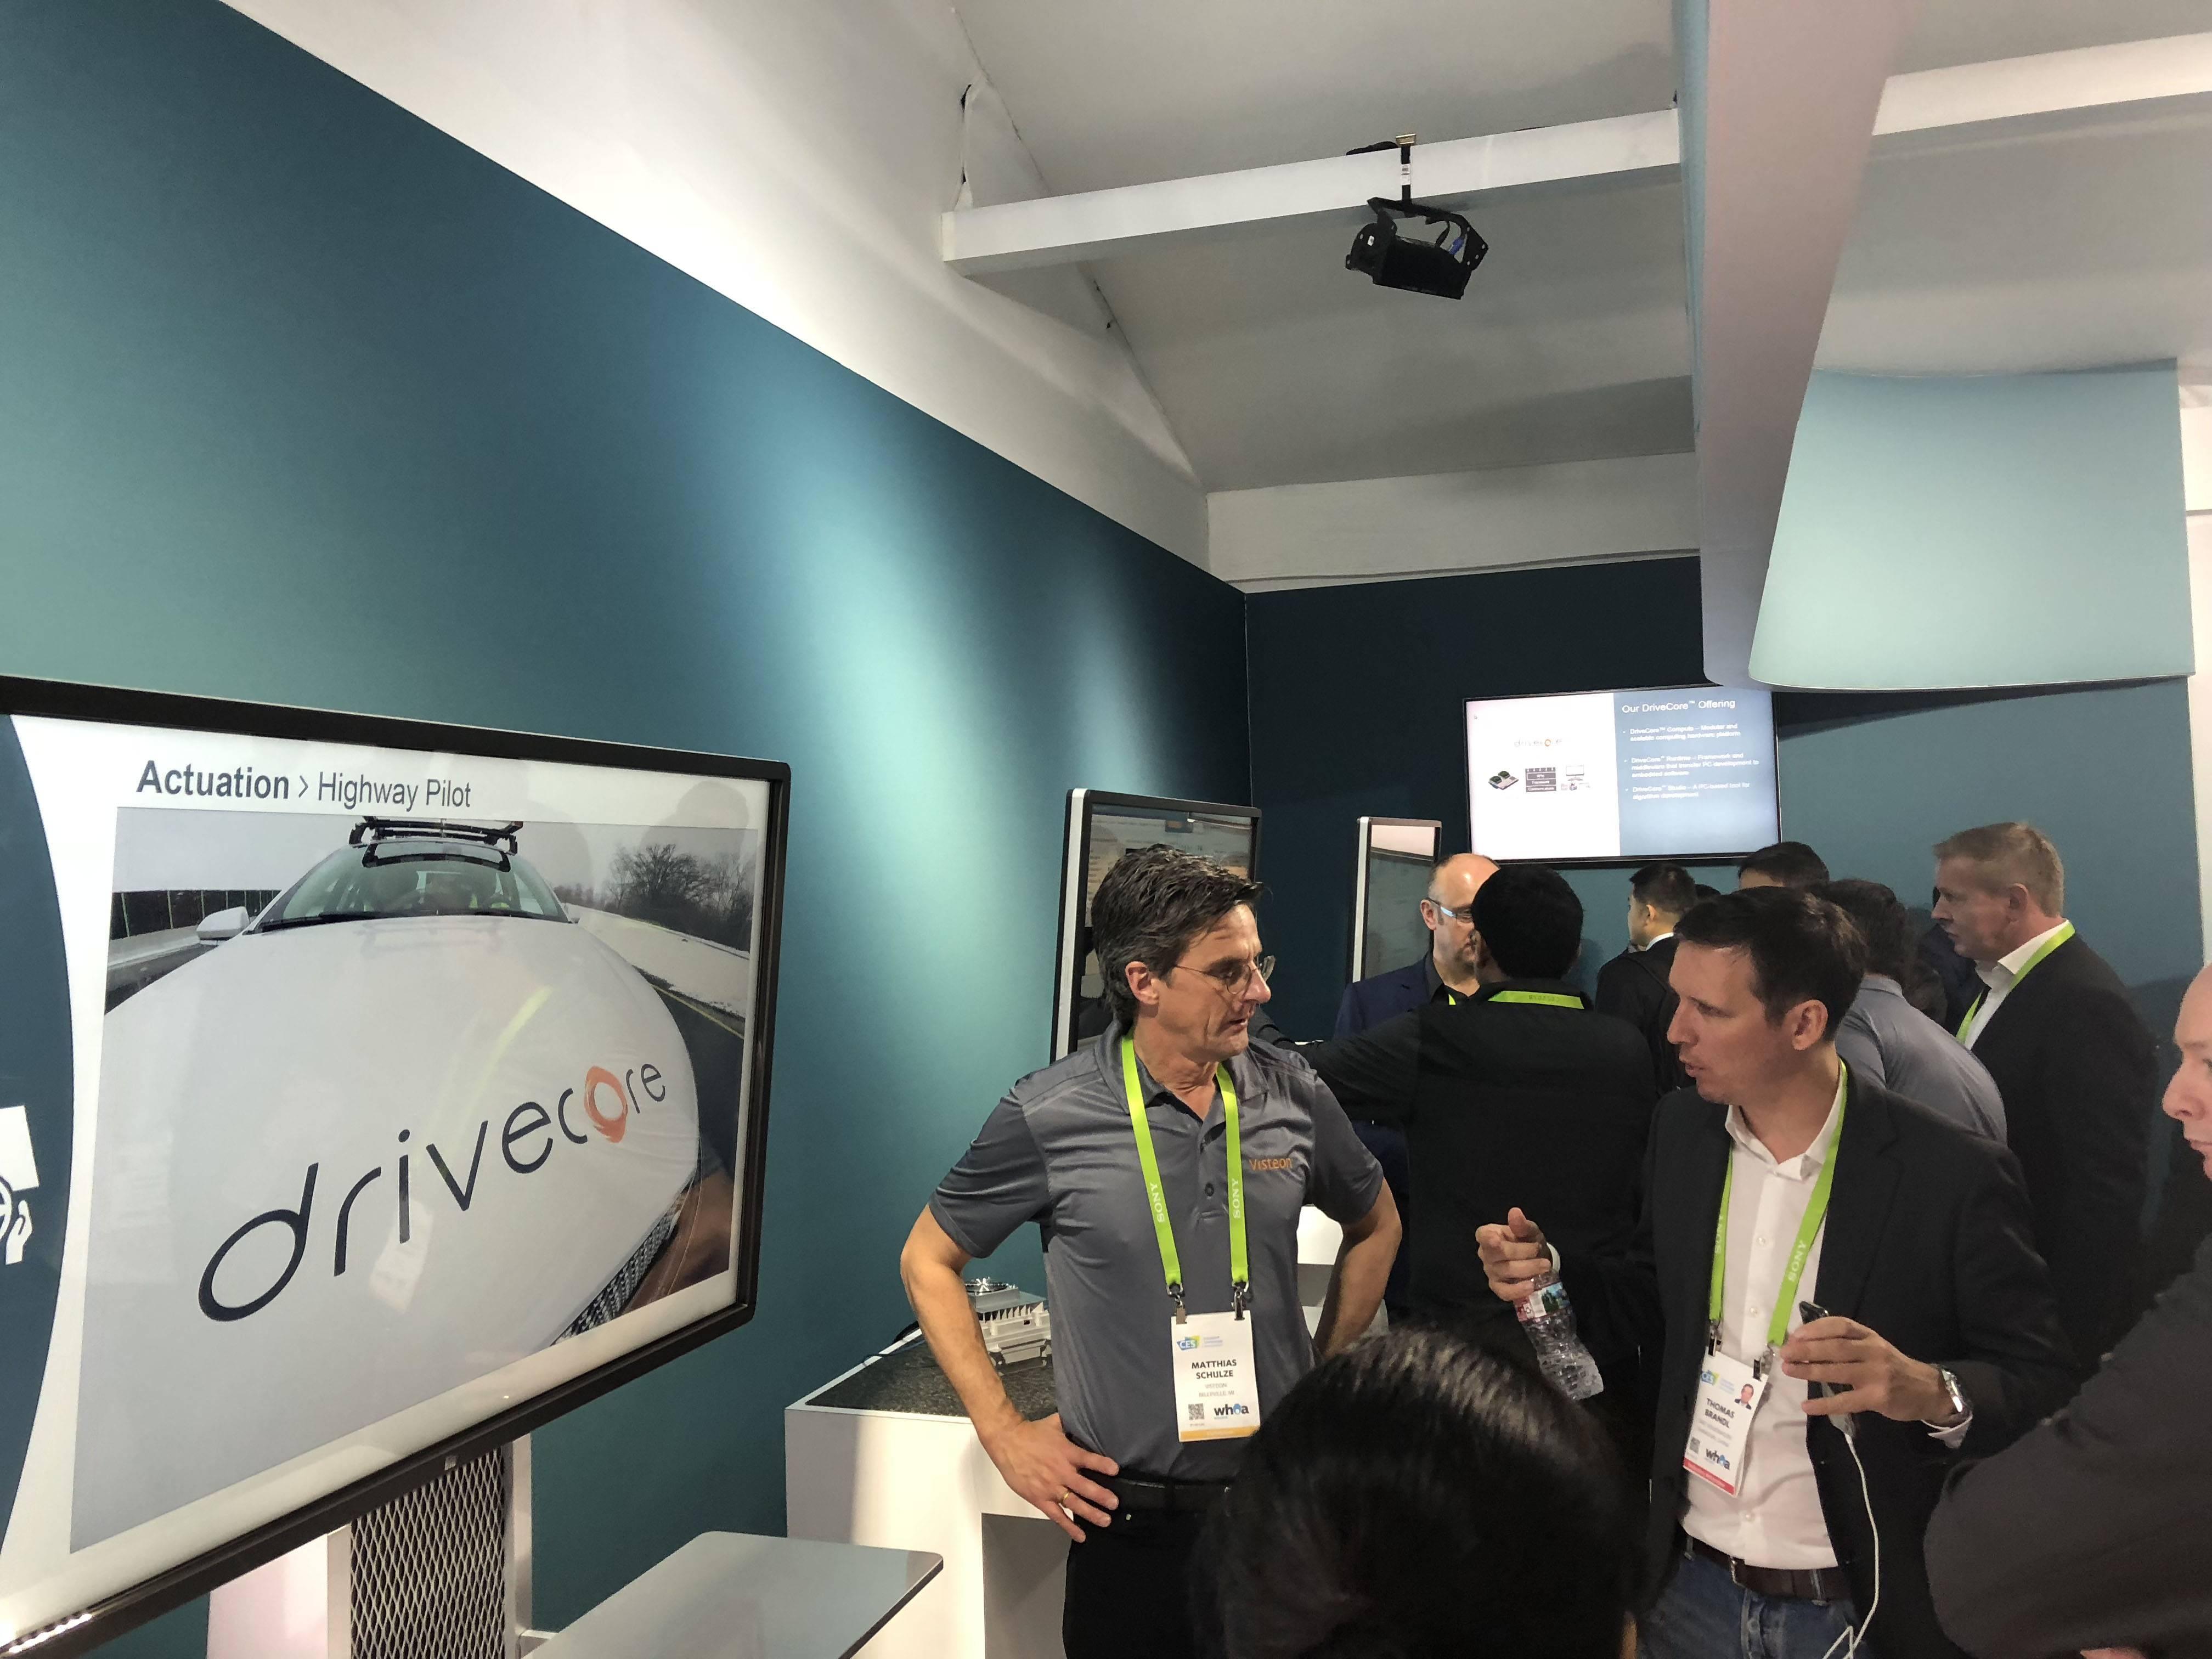 伟世通技术人员向现场观众讲解DriveCore.jpg